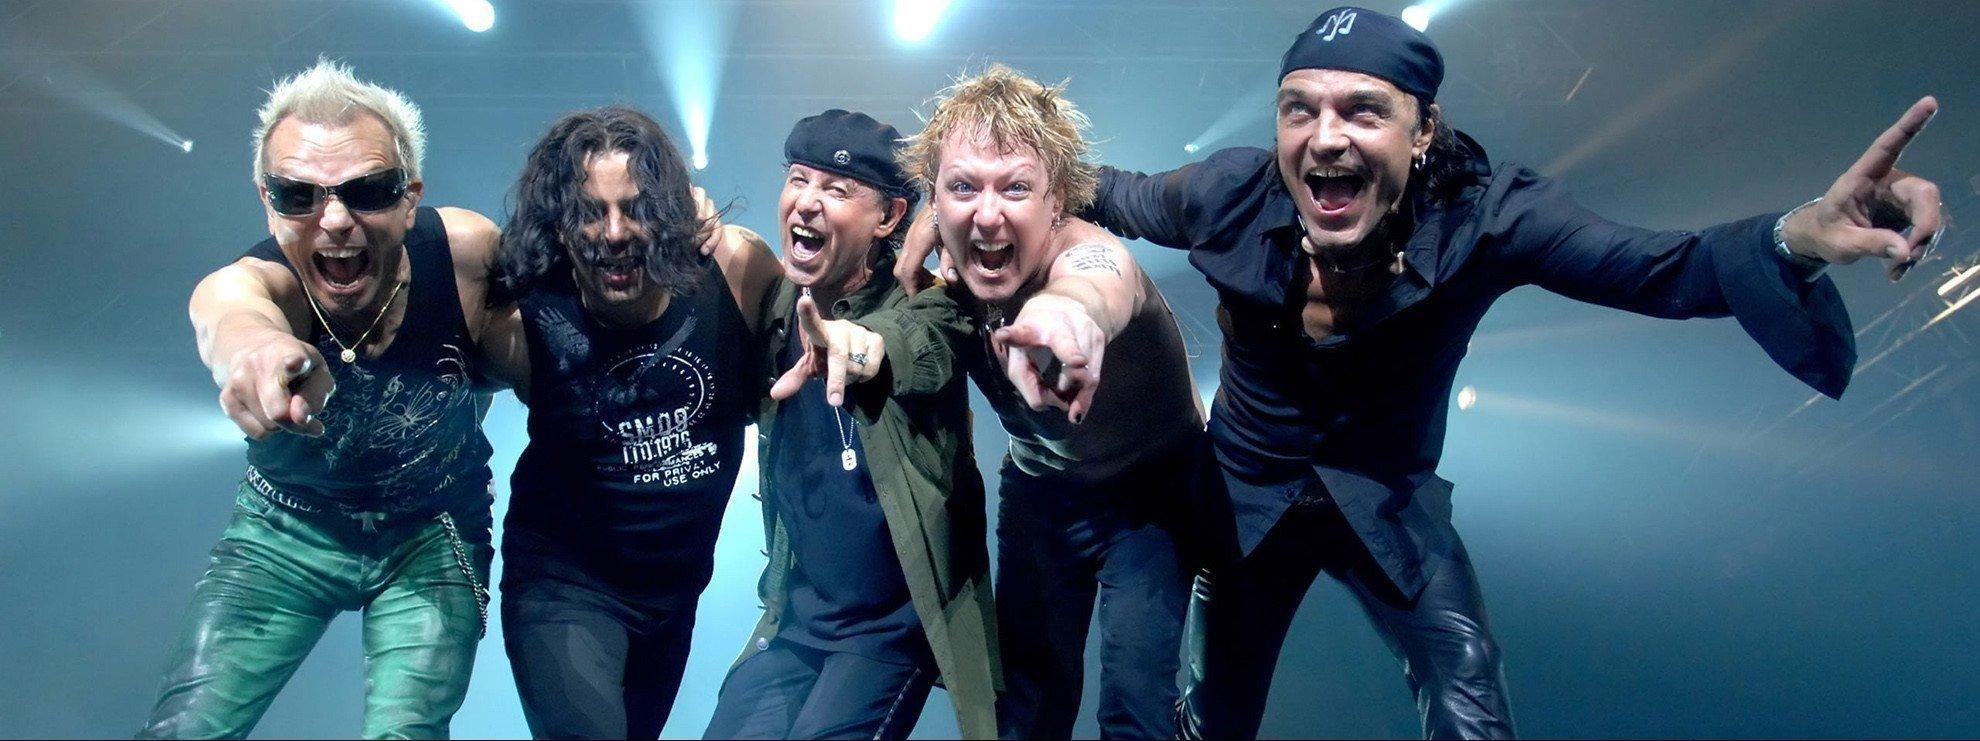 виконавець Scorpions (Скорпіонс)